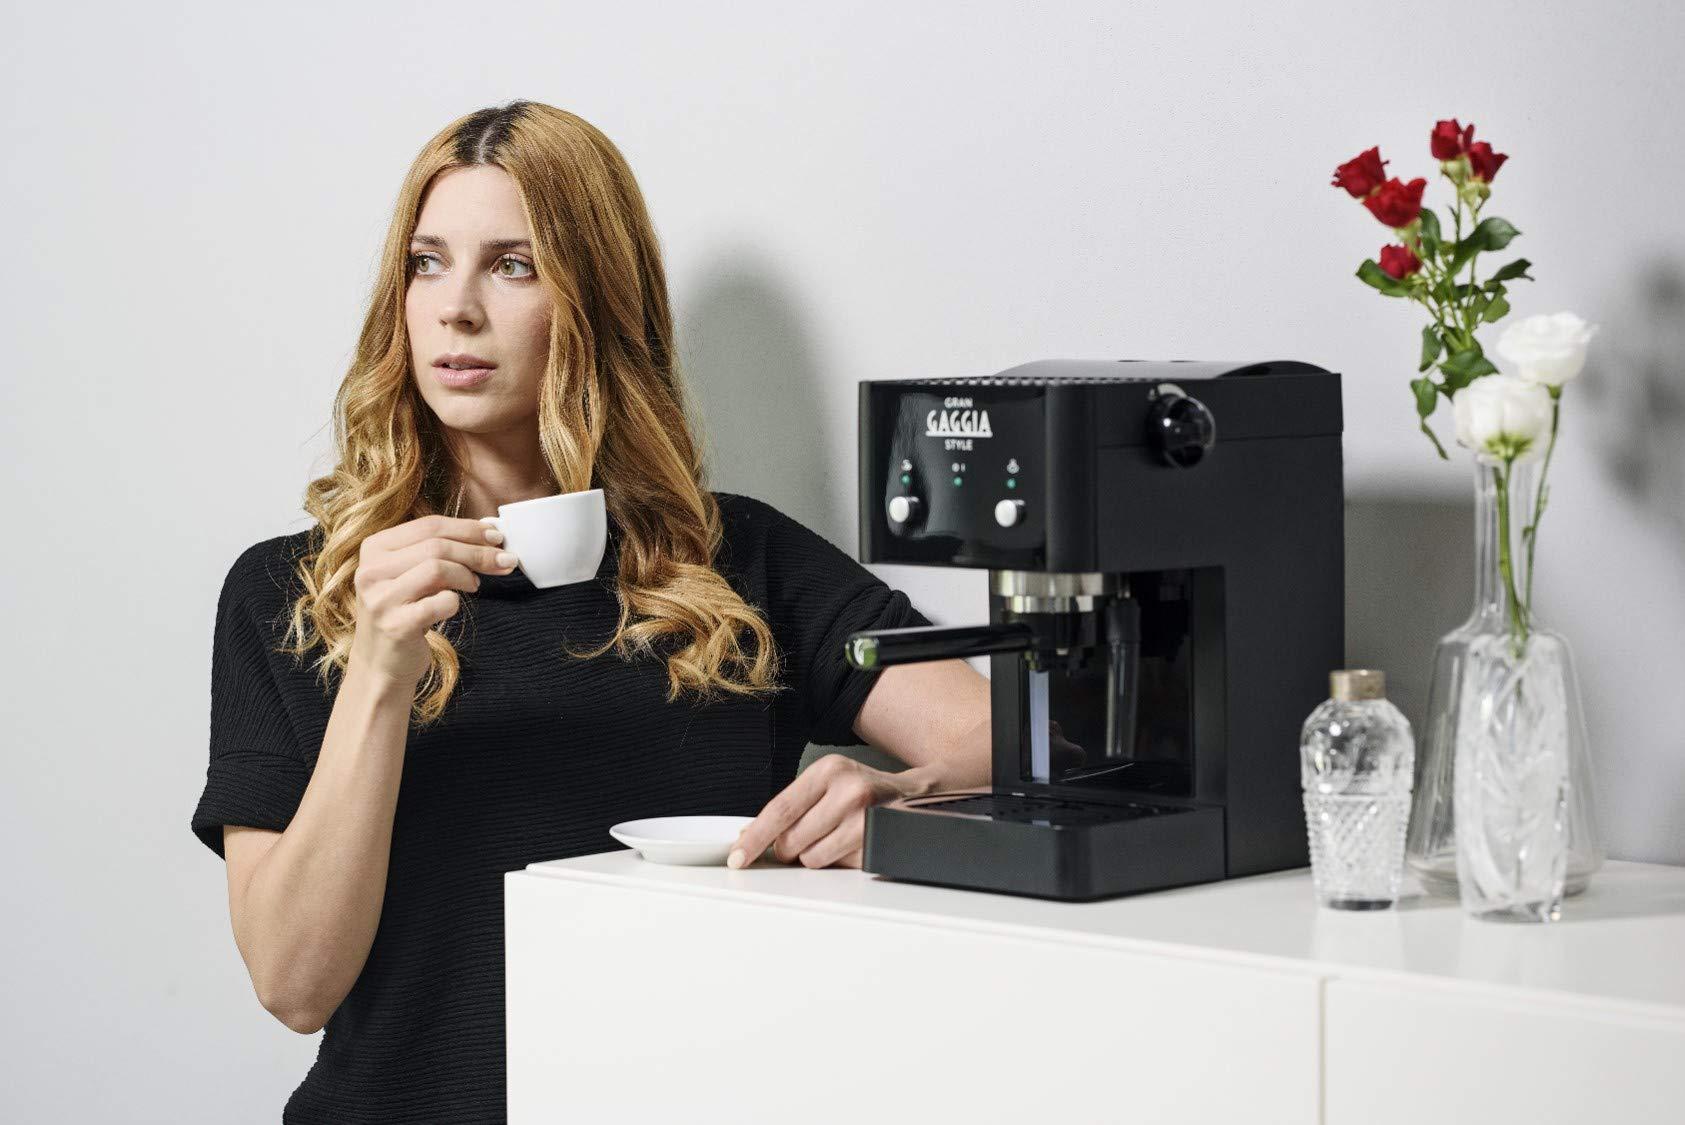 Gaggia GranGaggia Style Black Macchina Manuale per il Caffè Espresso, per Macinato e Cialde, Colore Nero, RI8423/11 5 spesavip